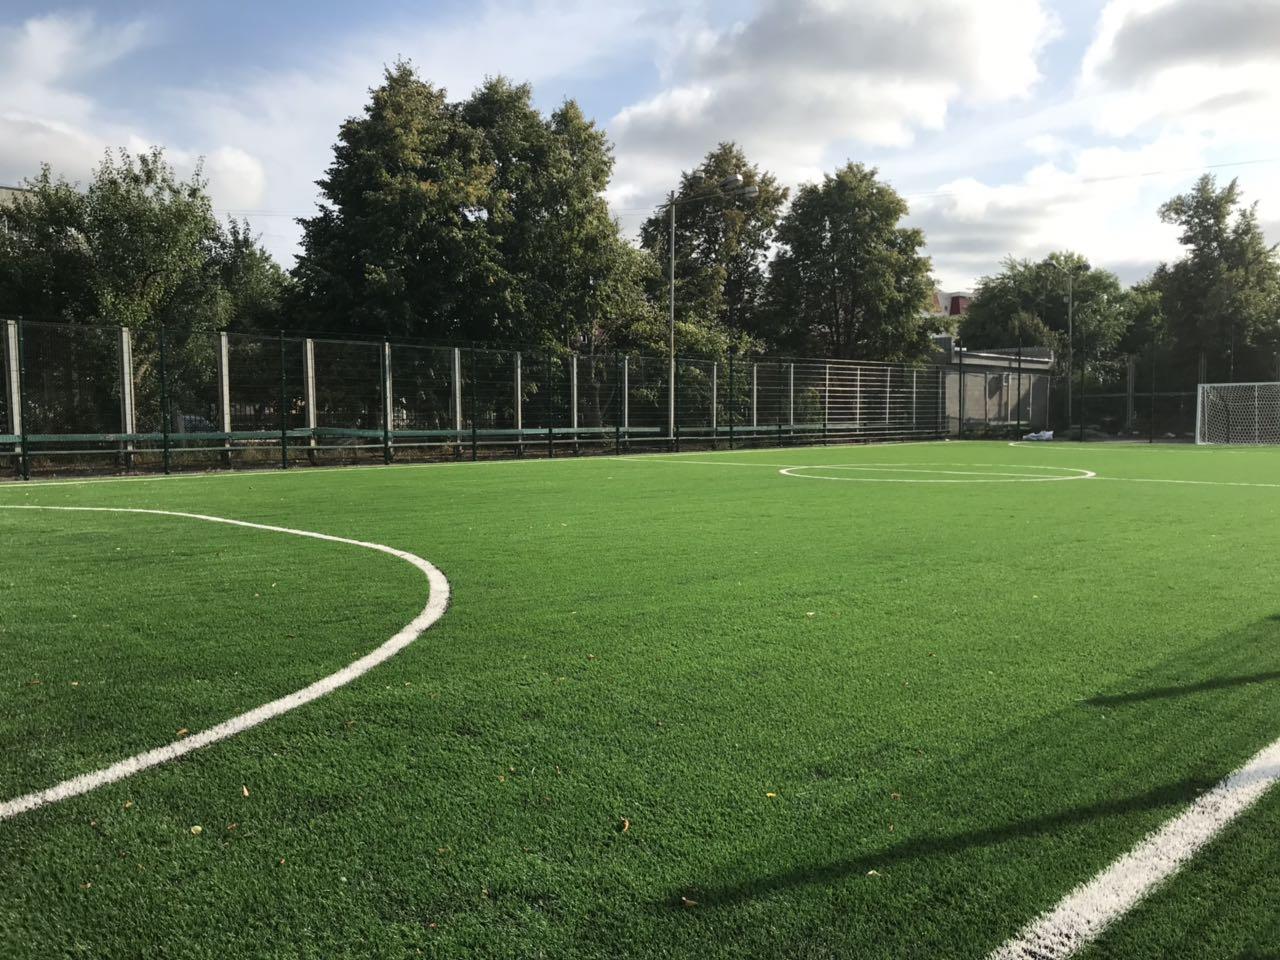 У Баришивці незабаром відкриття міні-футбольного поля -  - zobrazhennya viber 2019 08 15 17 17 40 0